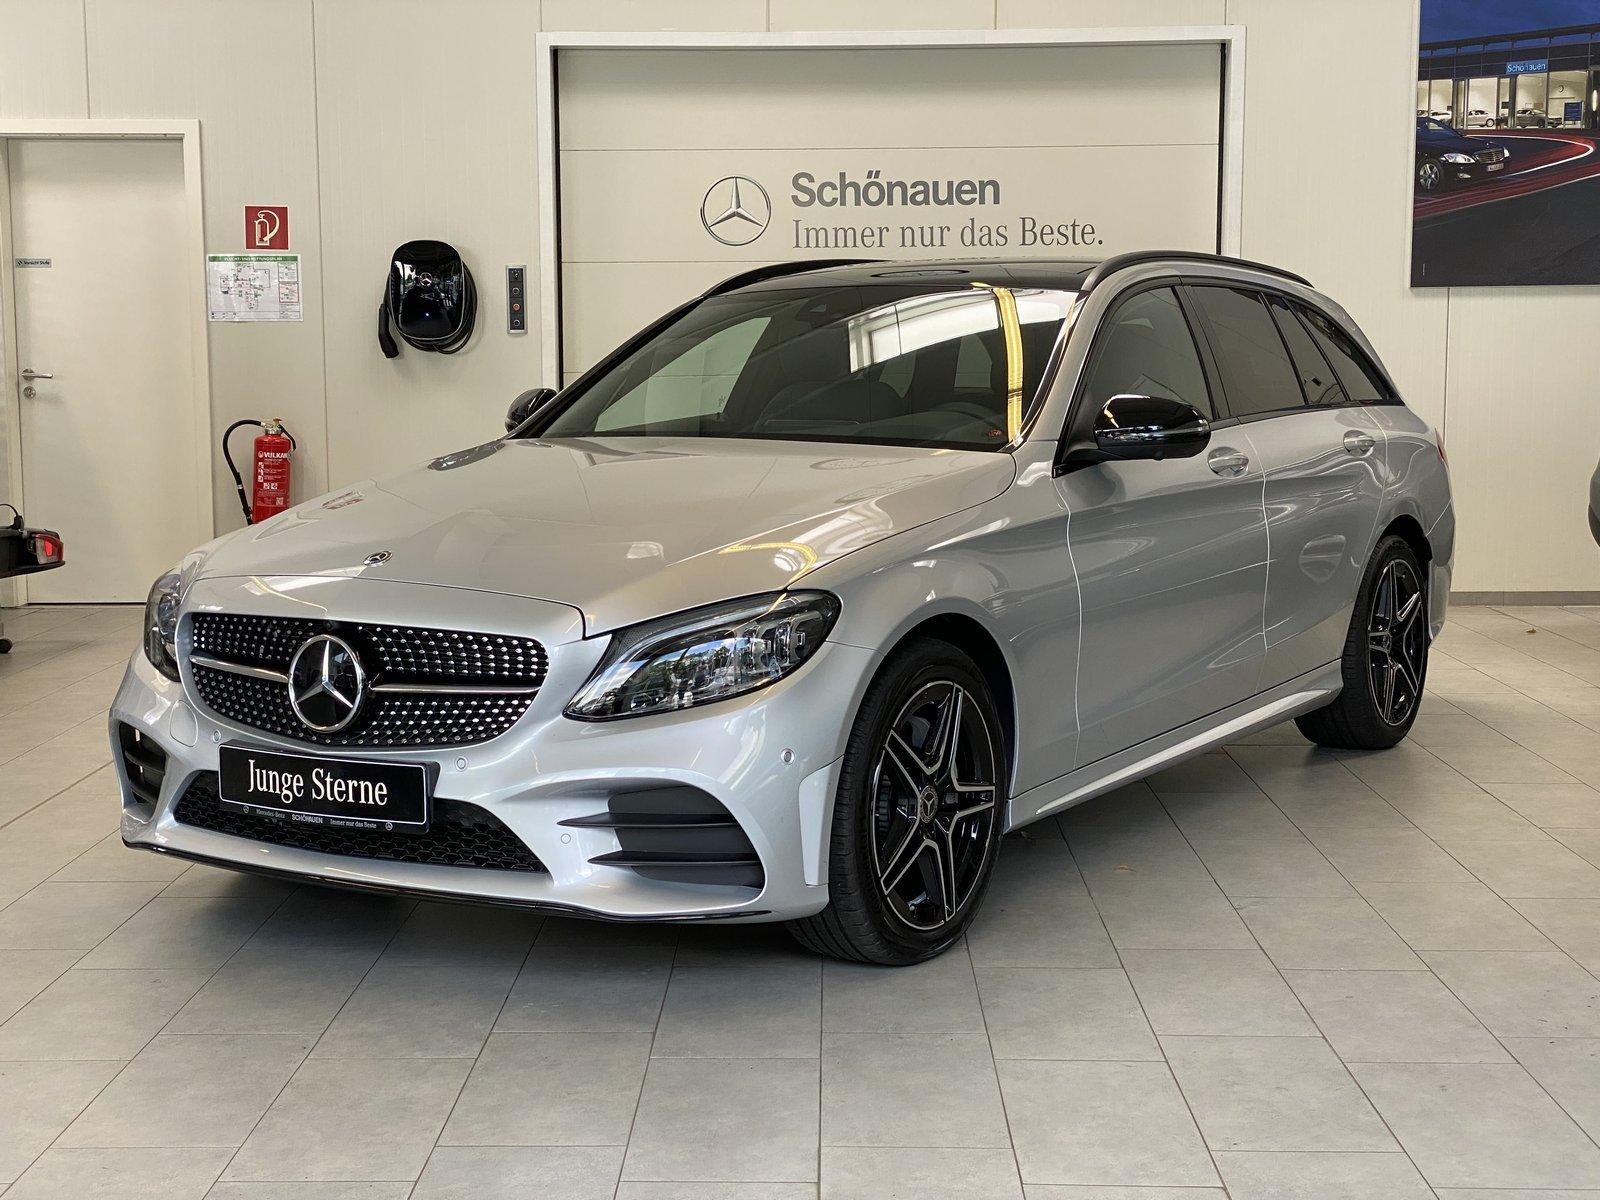 Mercedes-Benz C 220d 4M T AMG+DISTR+HUD+NIGHT+AHK+PANO+BURMES., Jahr 2020, Diesel